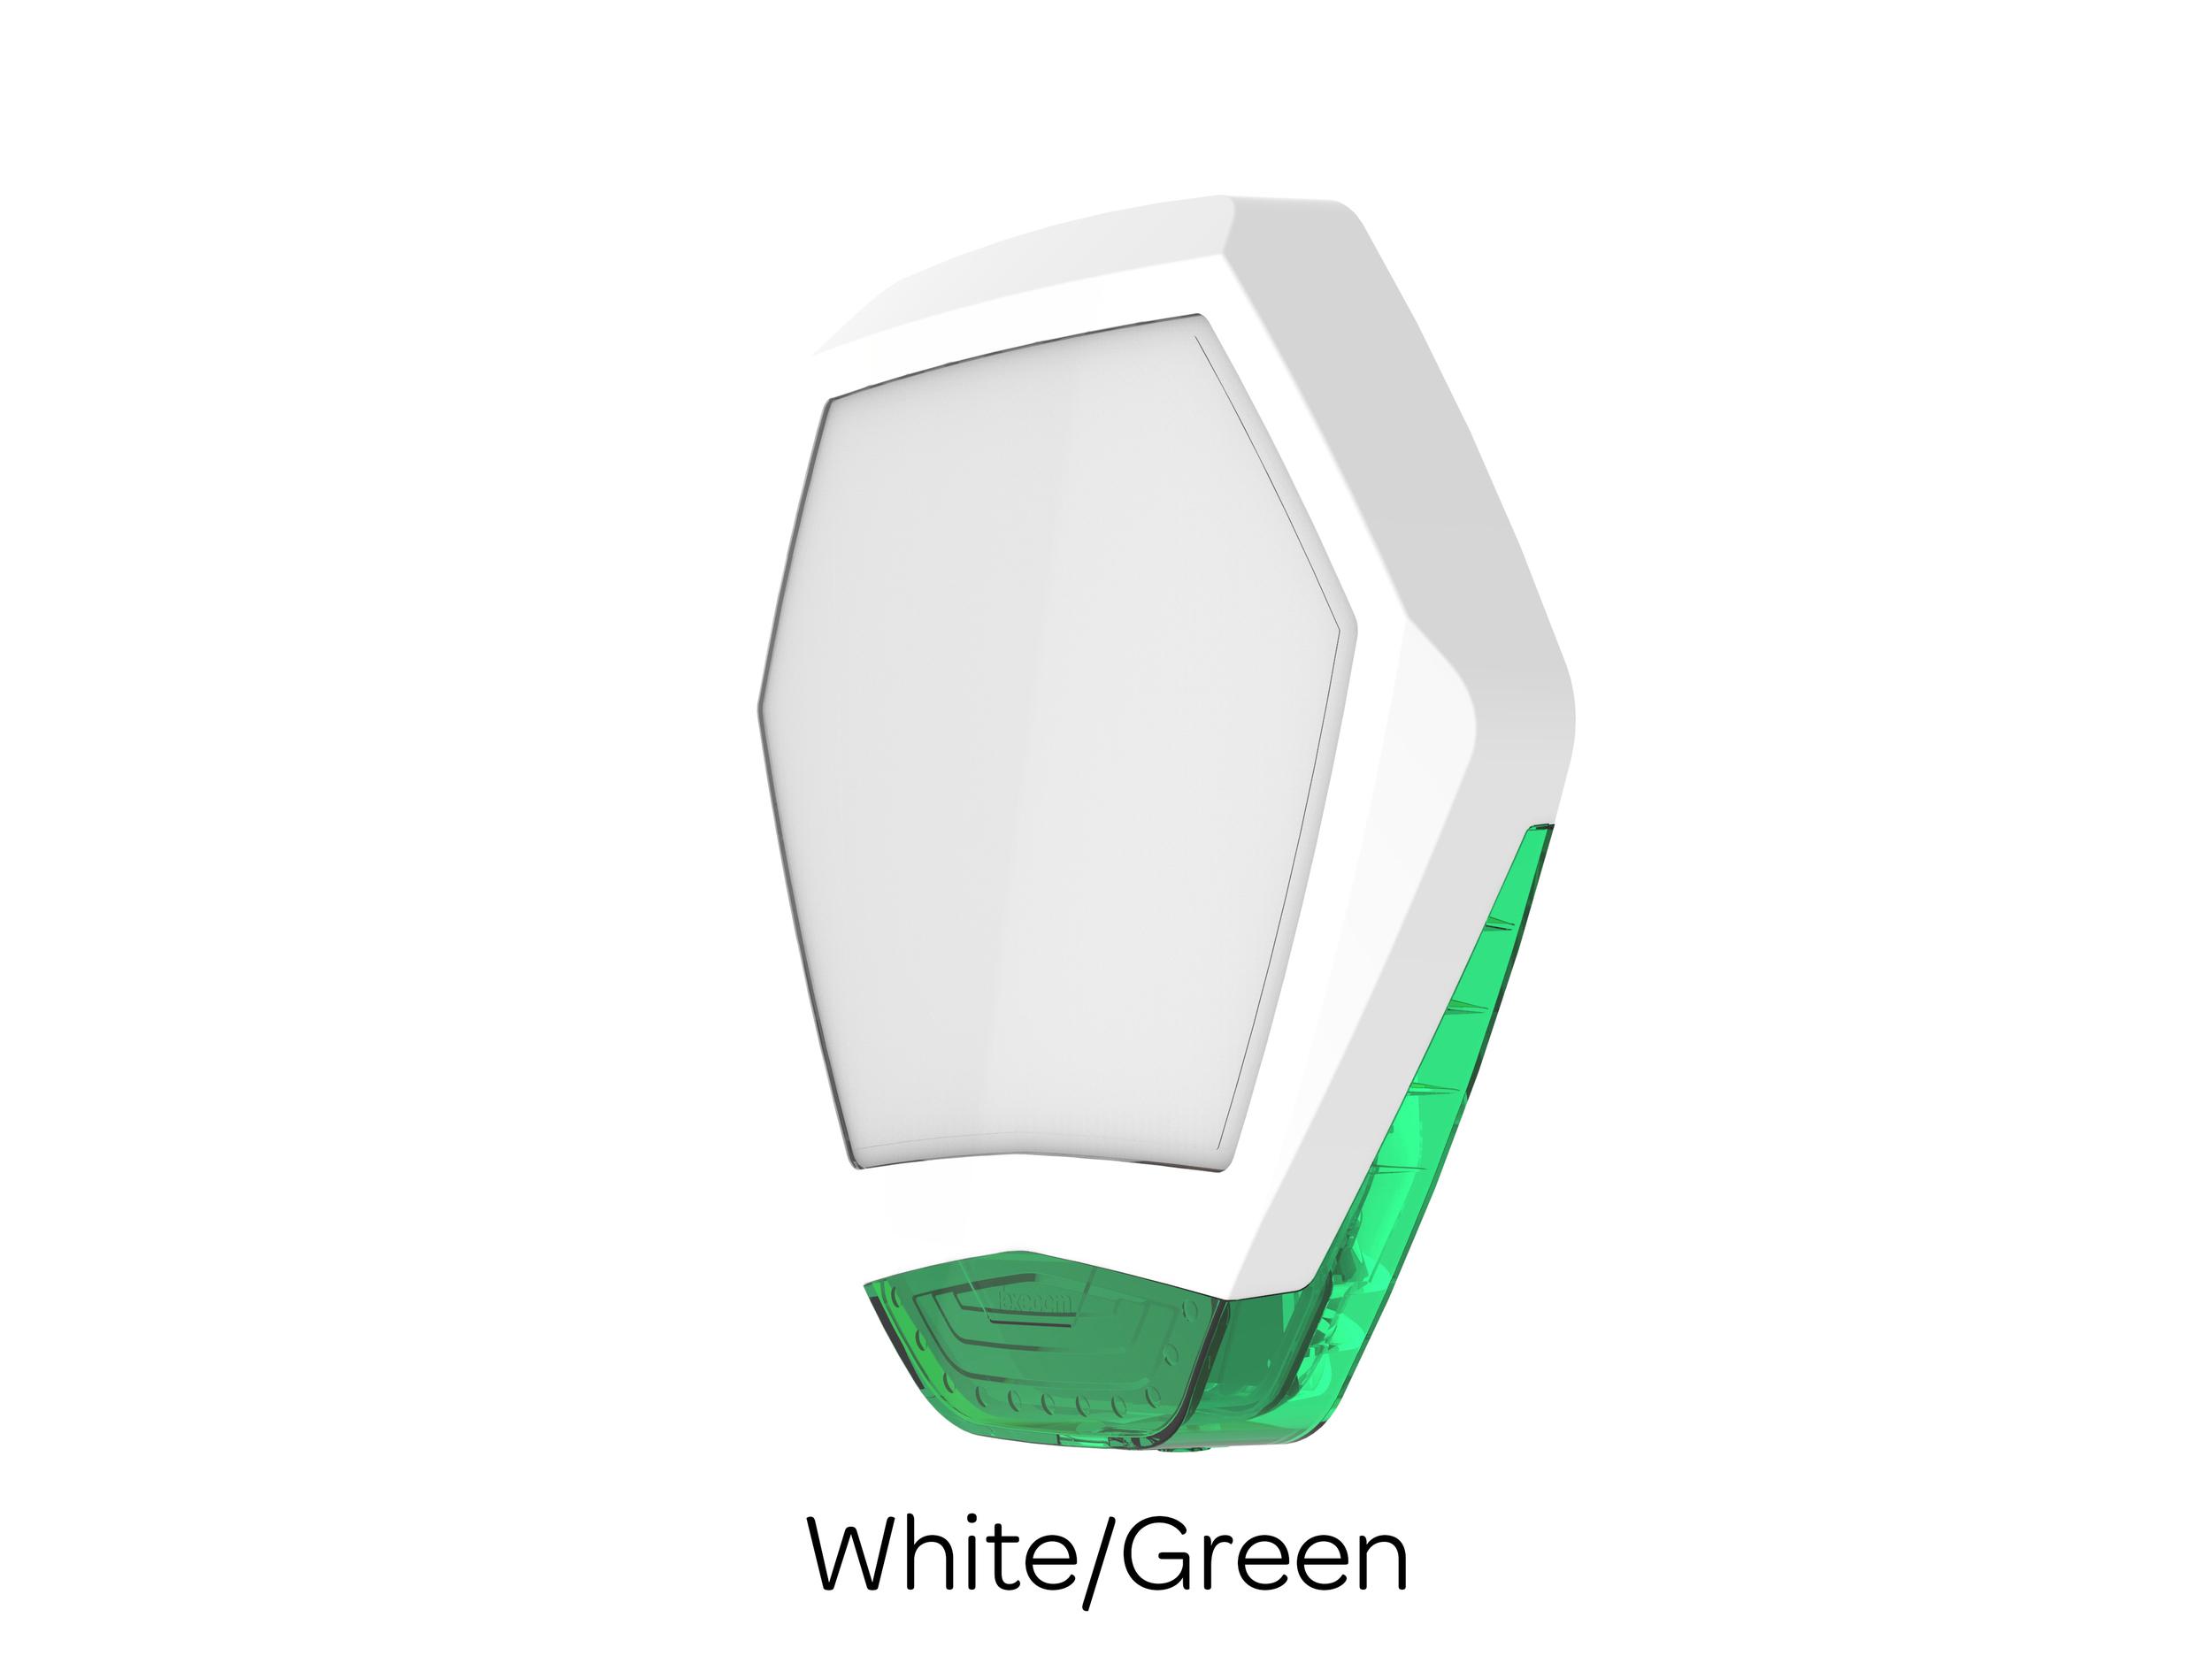 Web_OdyX3_White-Green_WhiteBG.jpg